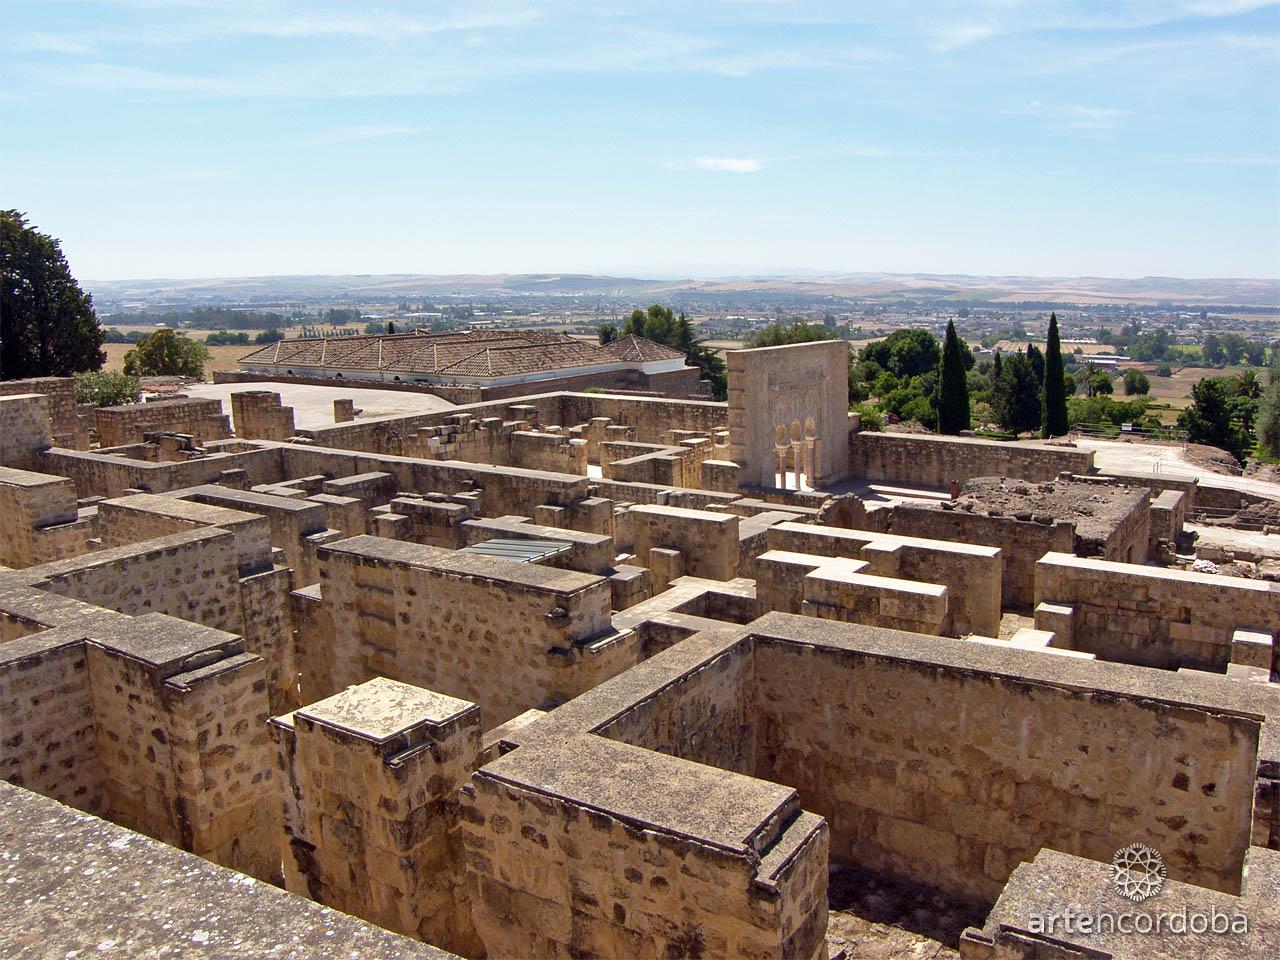 Vista panorámica del conjunto arqueológico de Medina Azahara